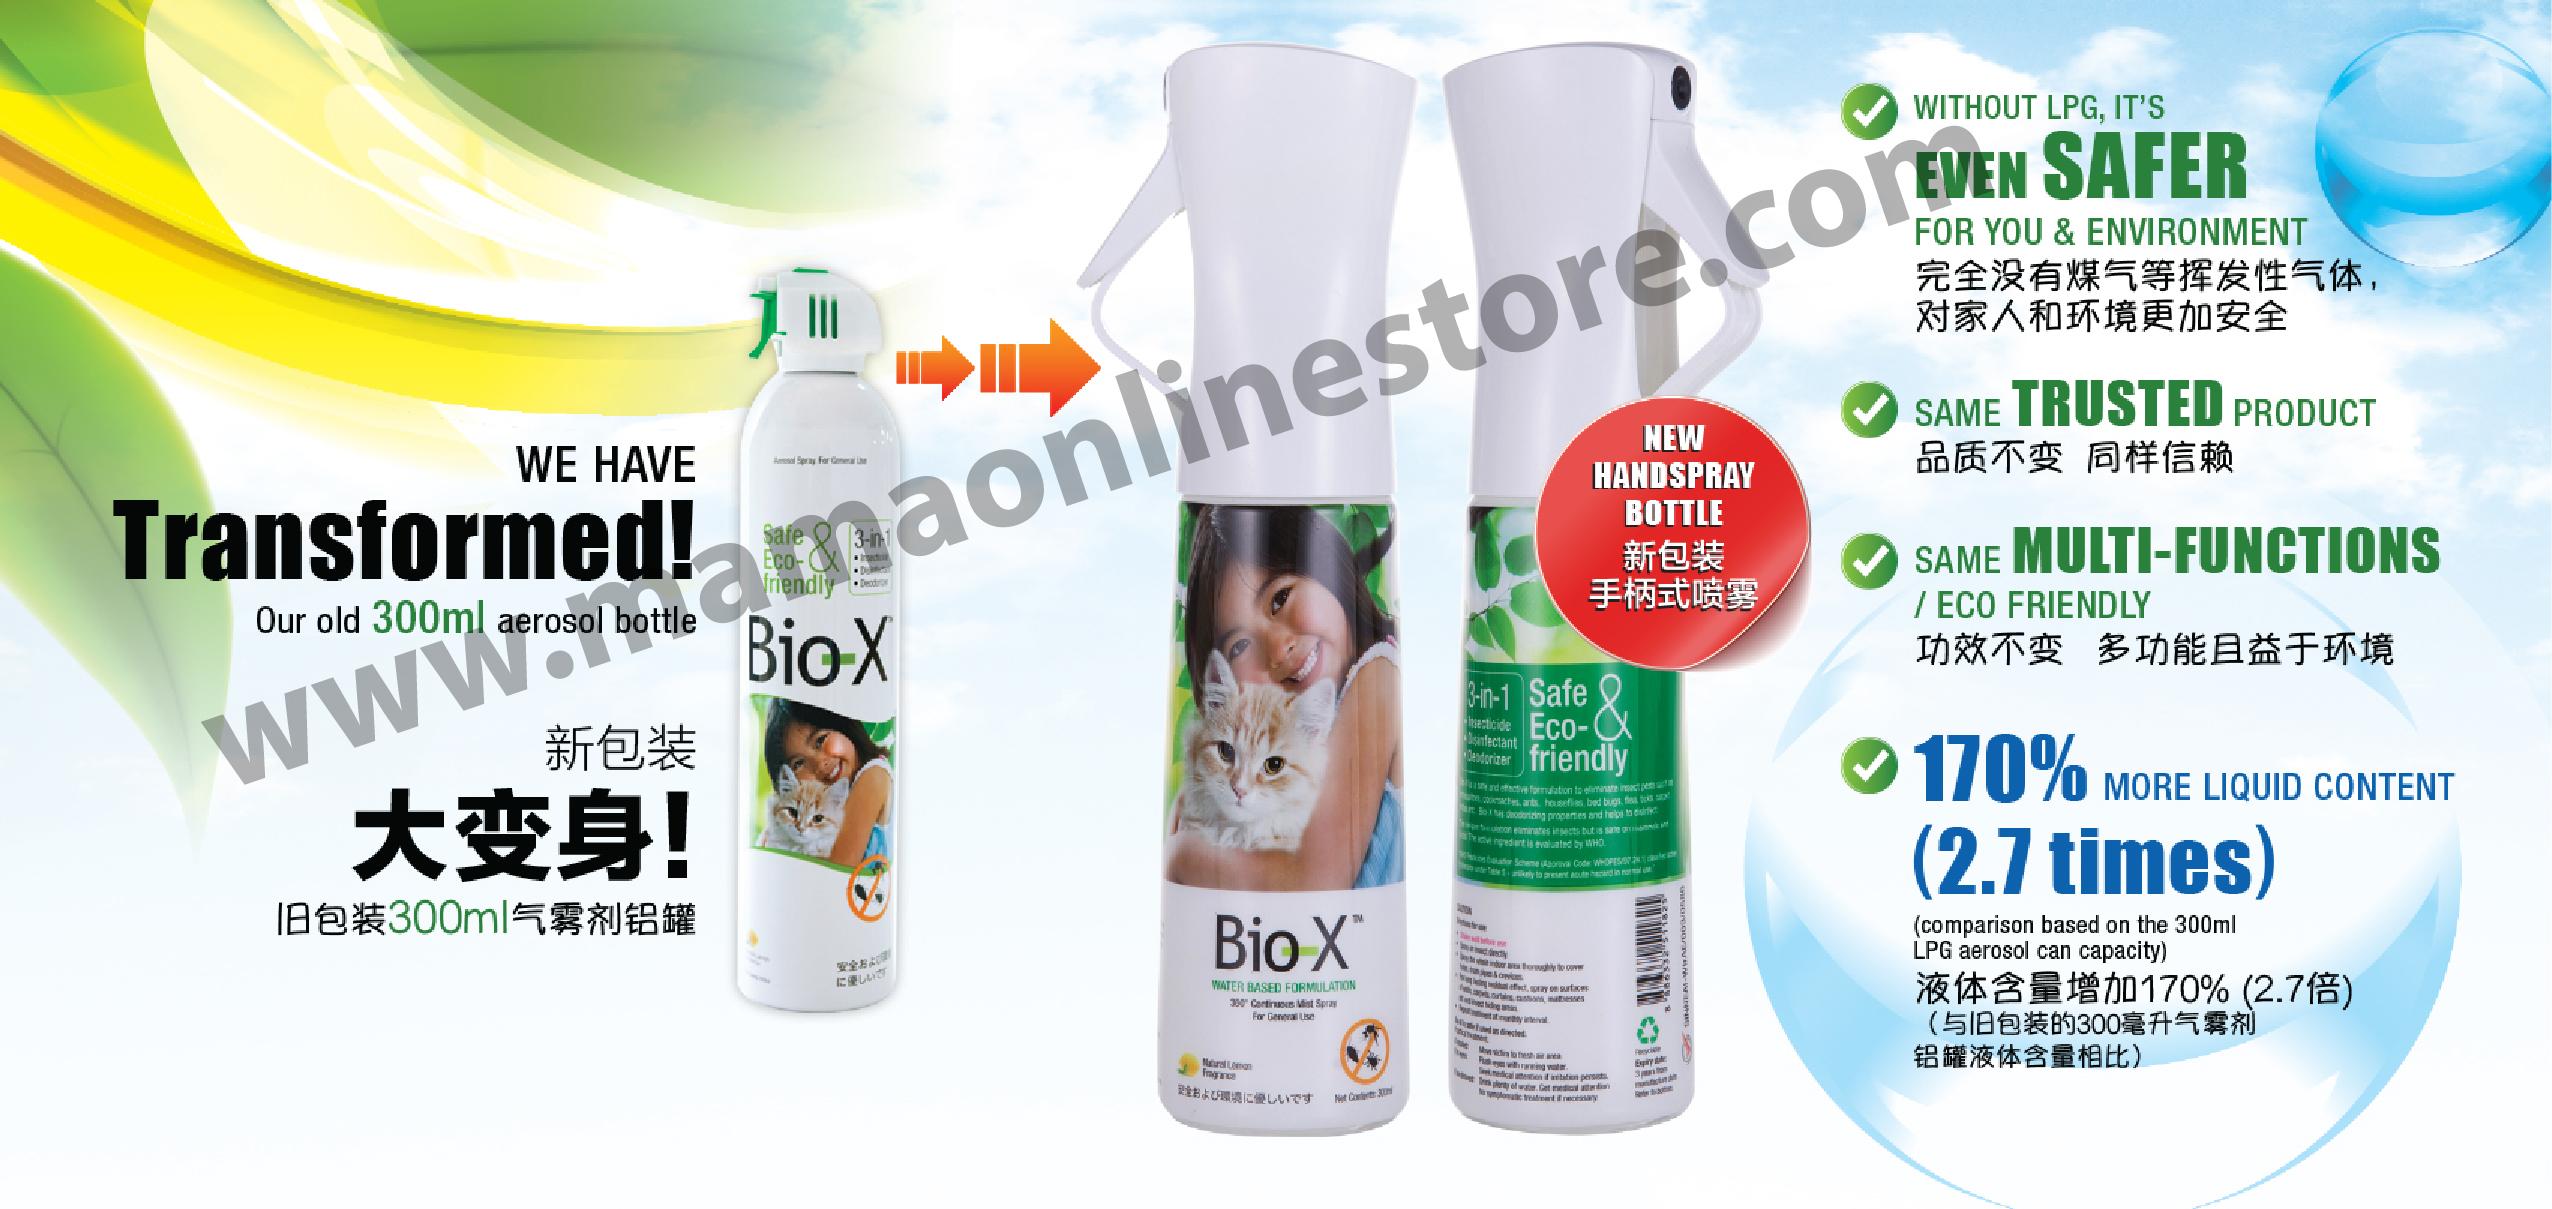 BioX_3in1HS_Brochure_en1_1.jpg